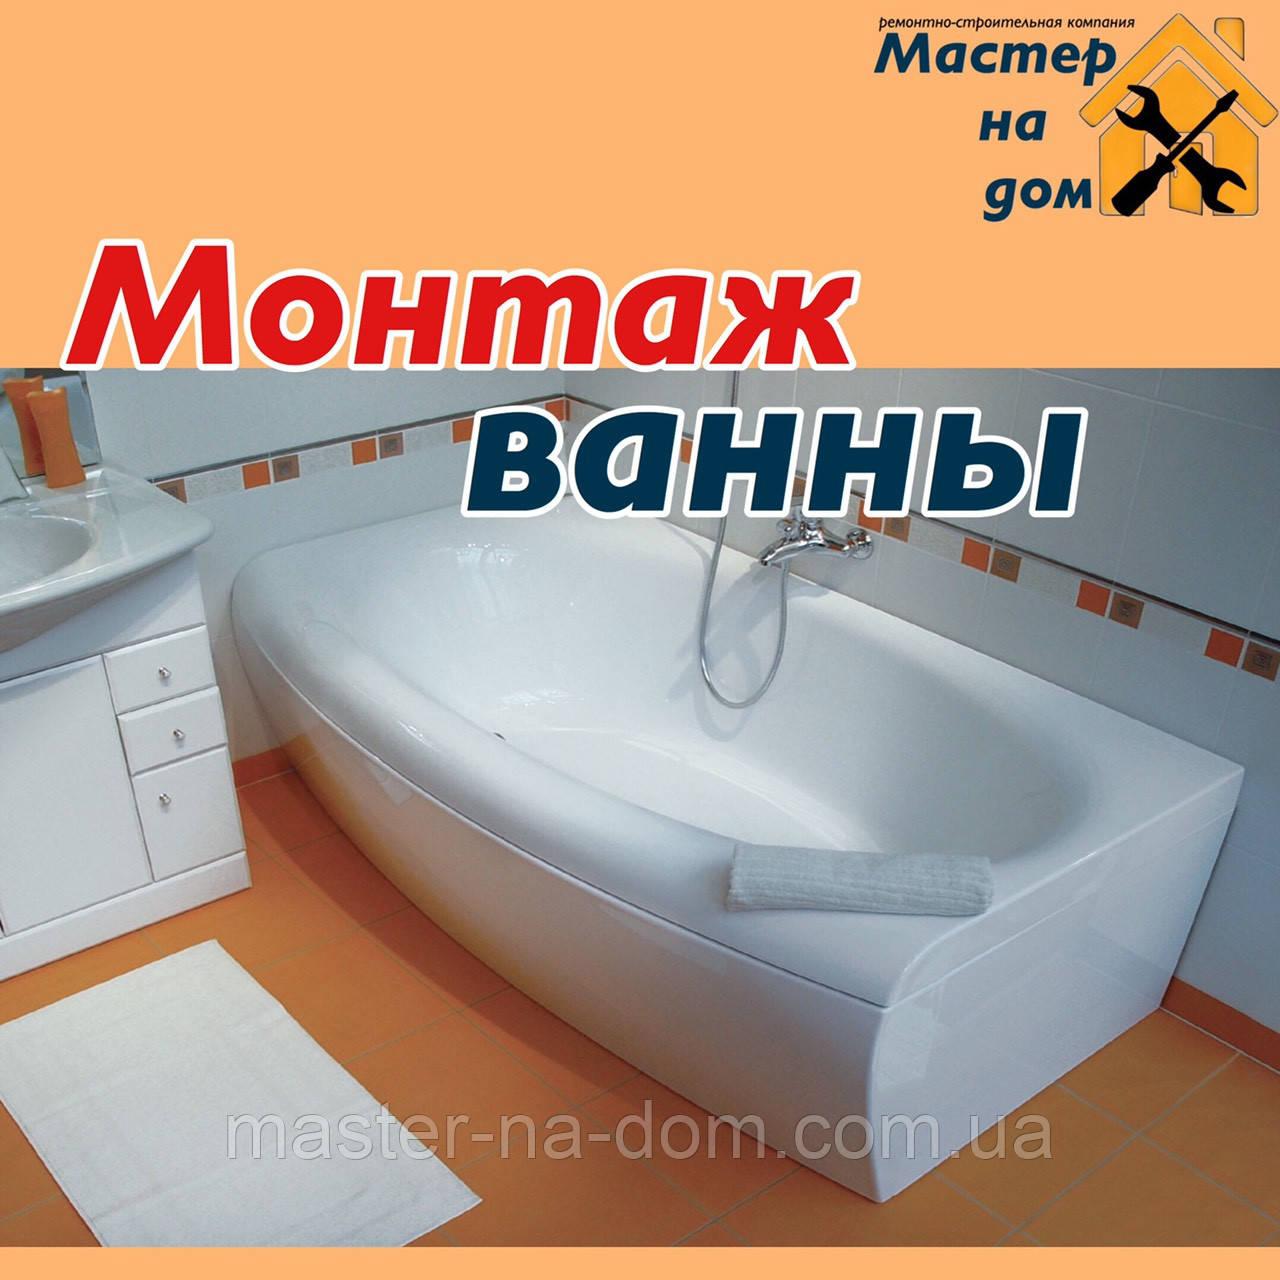 Монтаж ванны в Одессе